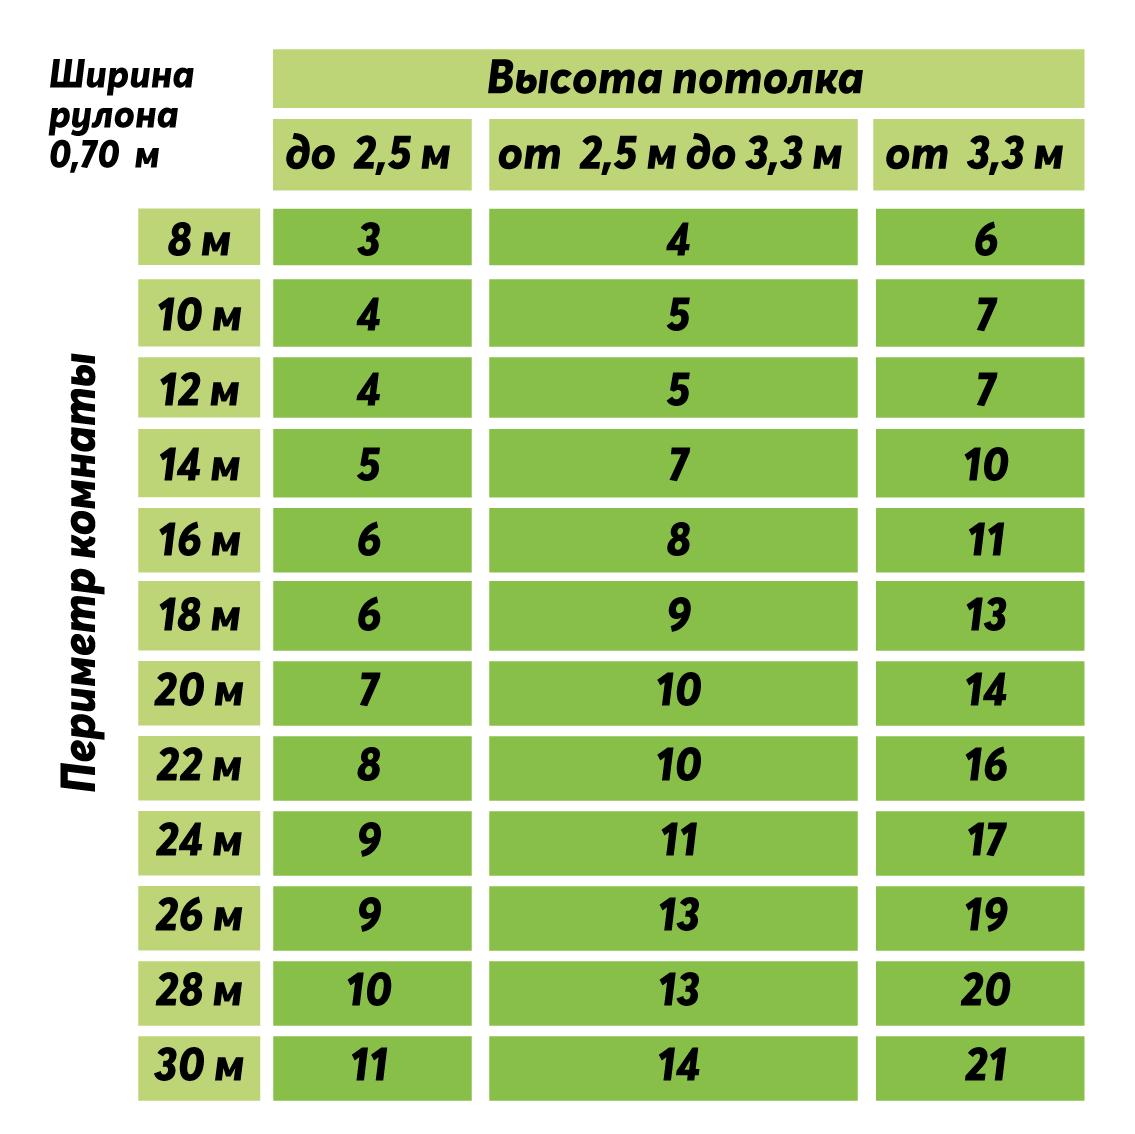 Расчёт количества рулонов для размеров рулона 0,70 сантиметра.